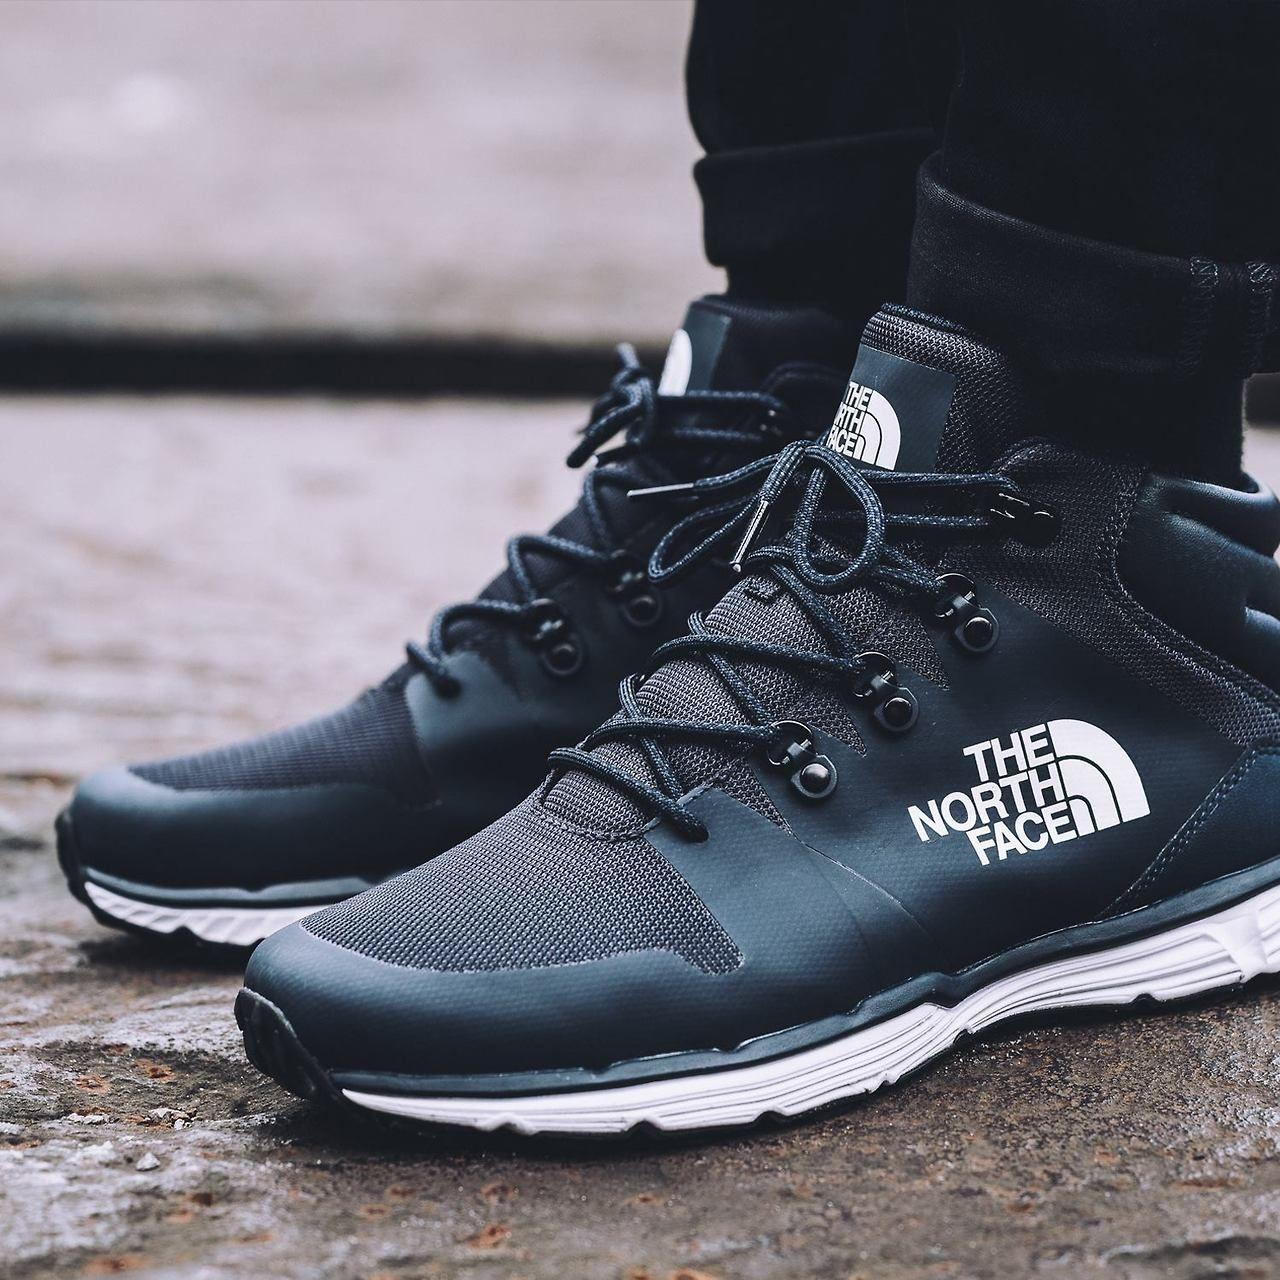 info for 11628 18de9 The North Face Litewave JXT Mid @ JDsports | Shoes | Mens ...